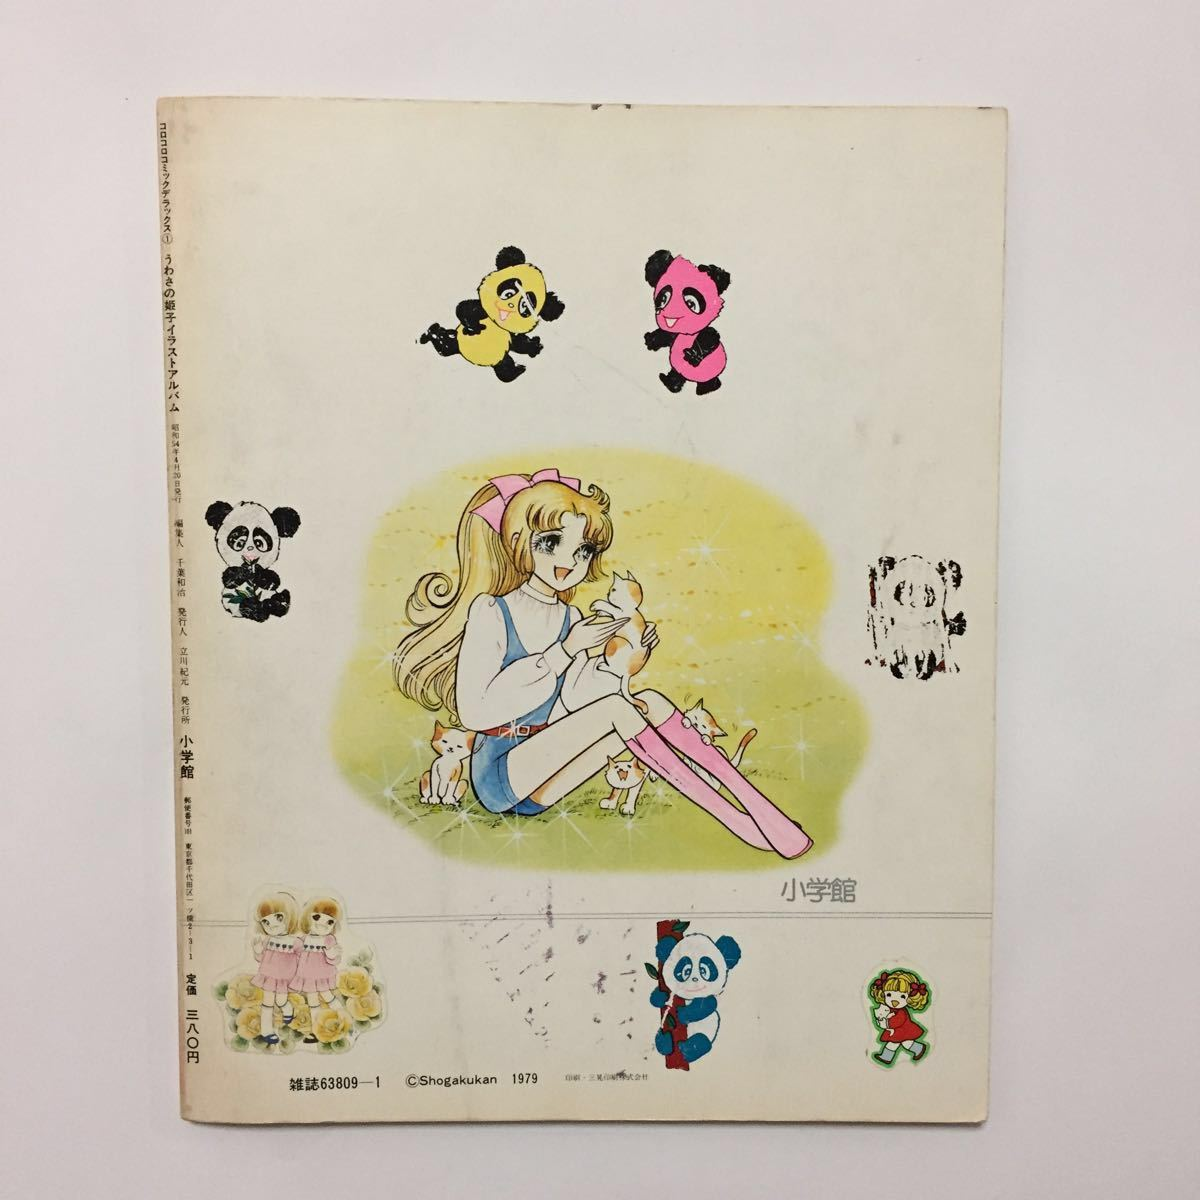 初版 うわさの姫子 愛のメモリー イラスト集 藤原栄子_画像2